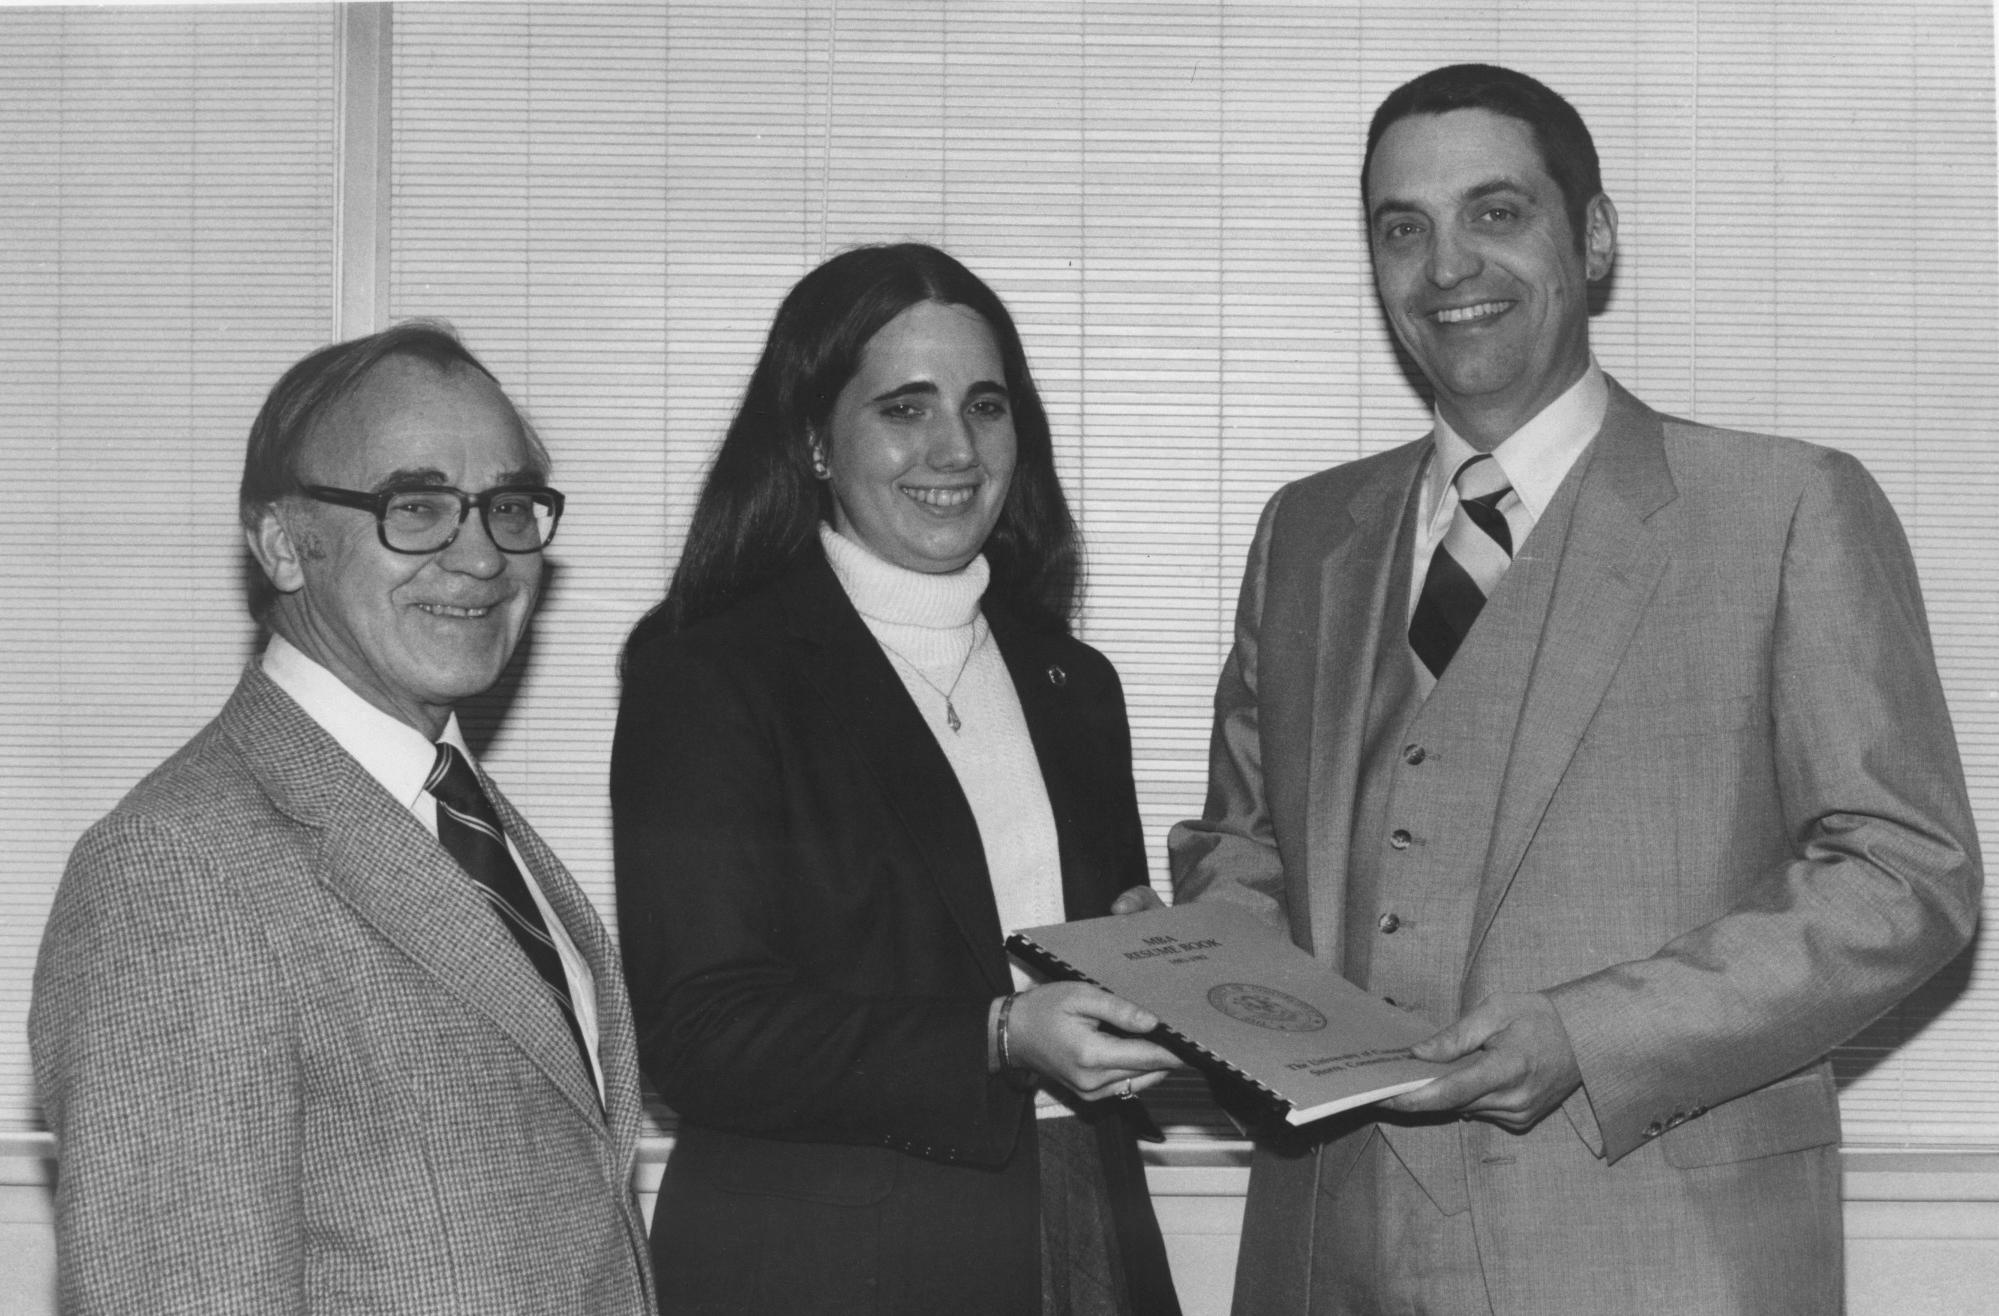 School of Business, 1981.